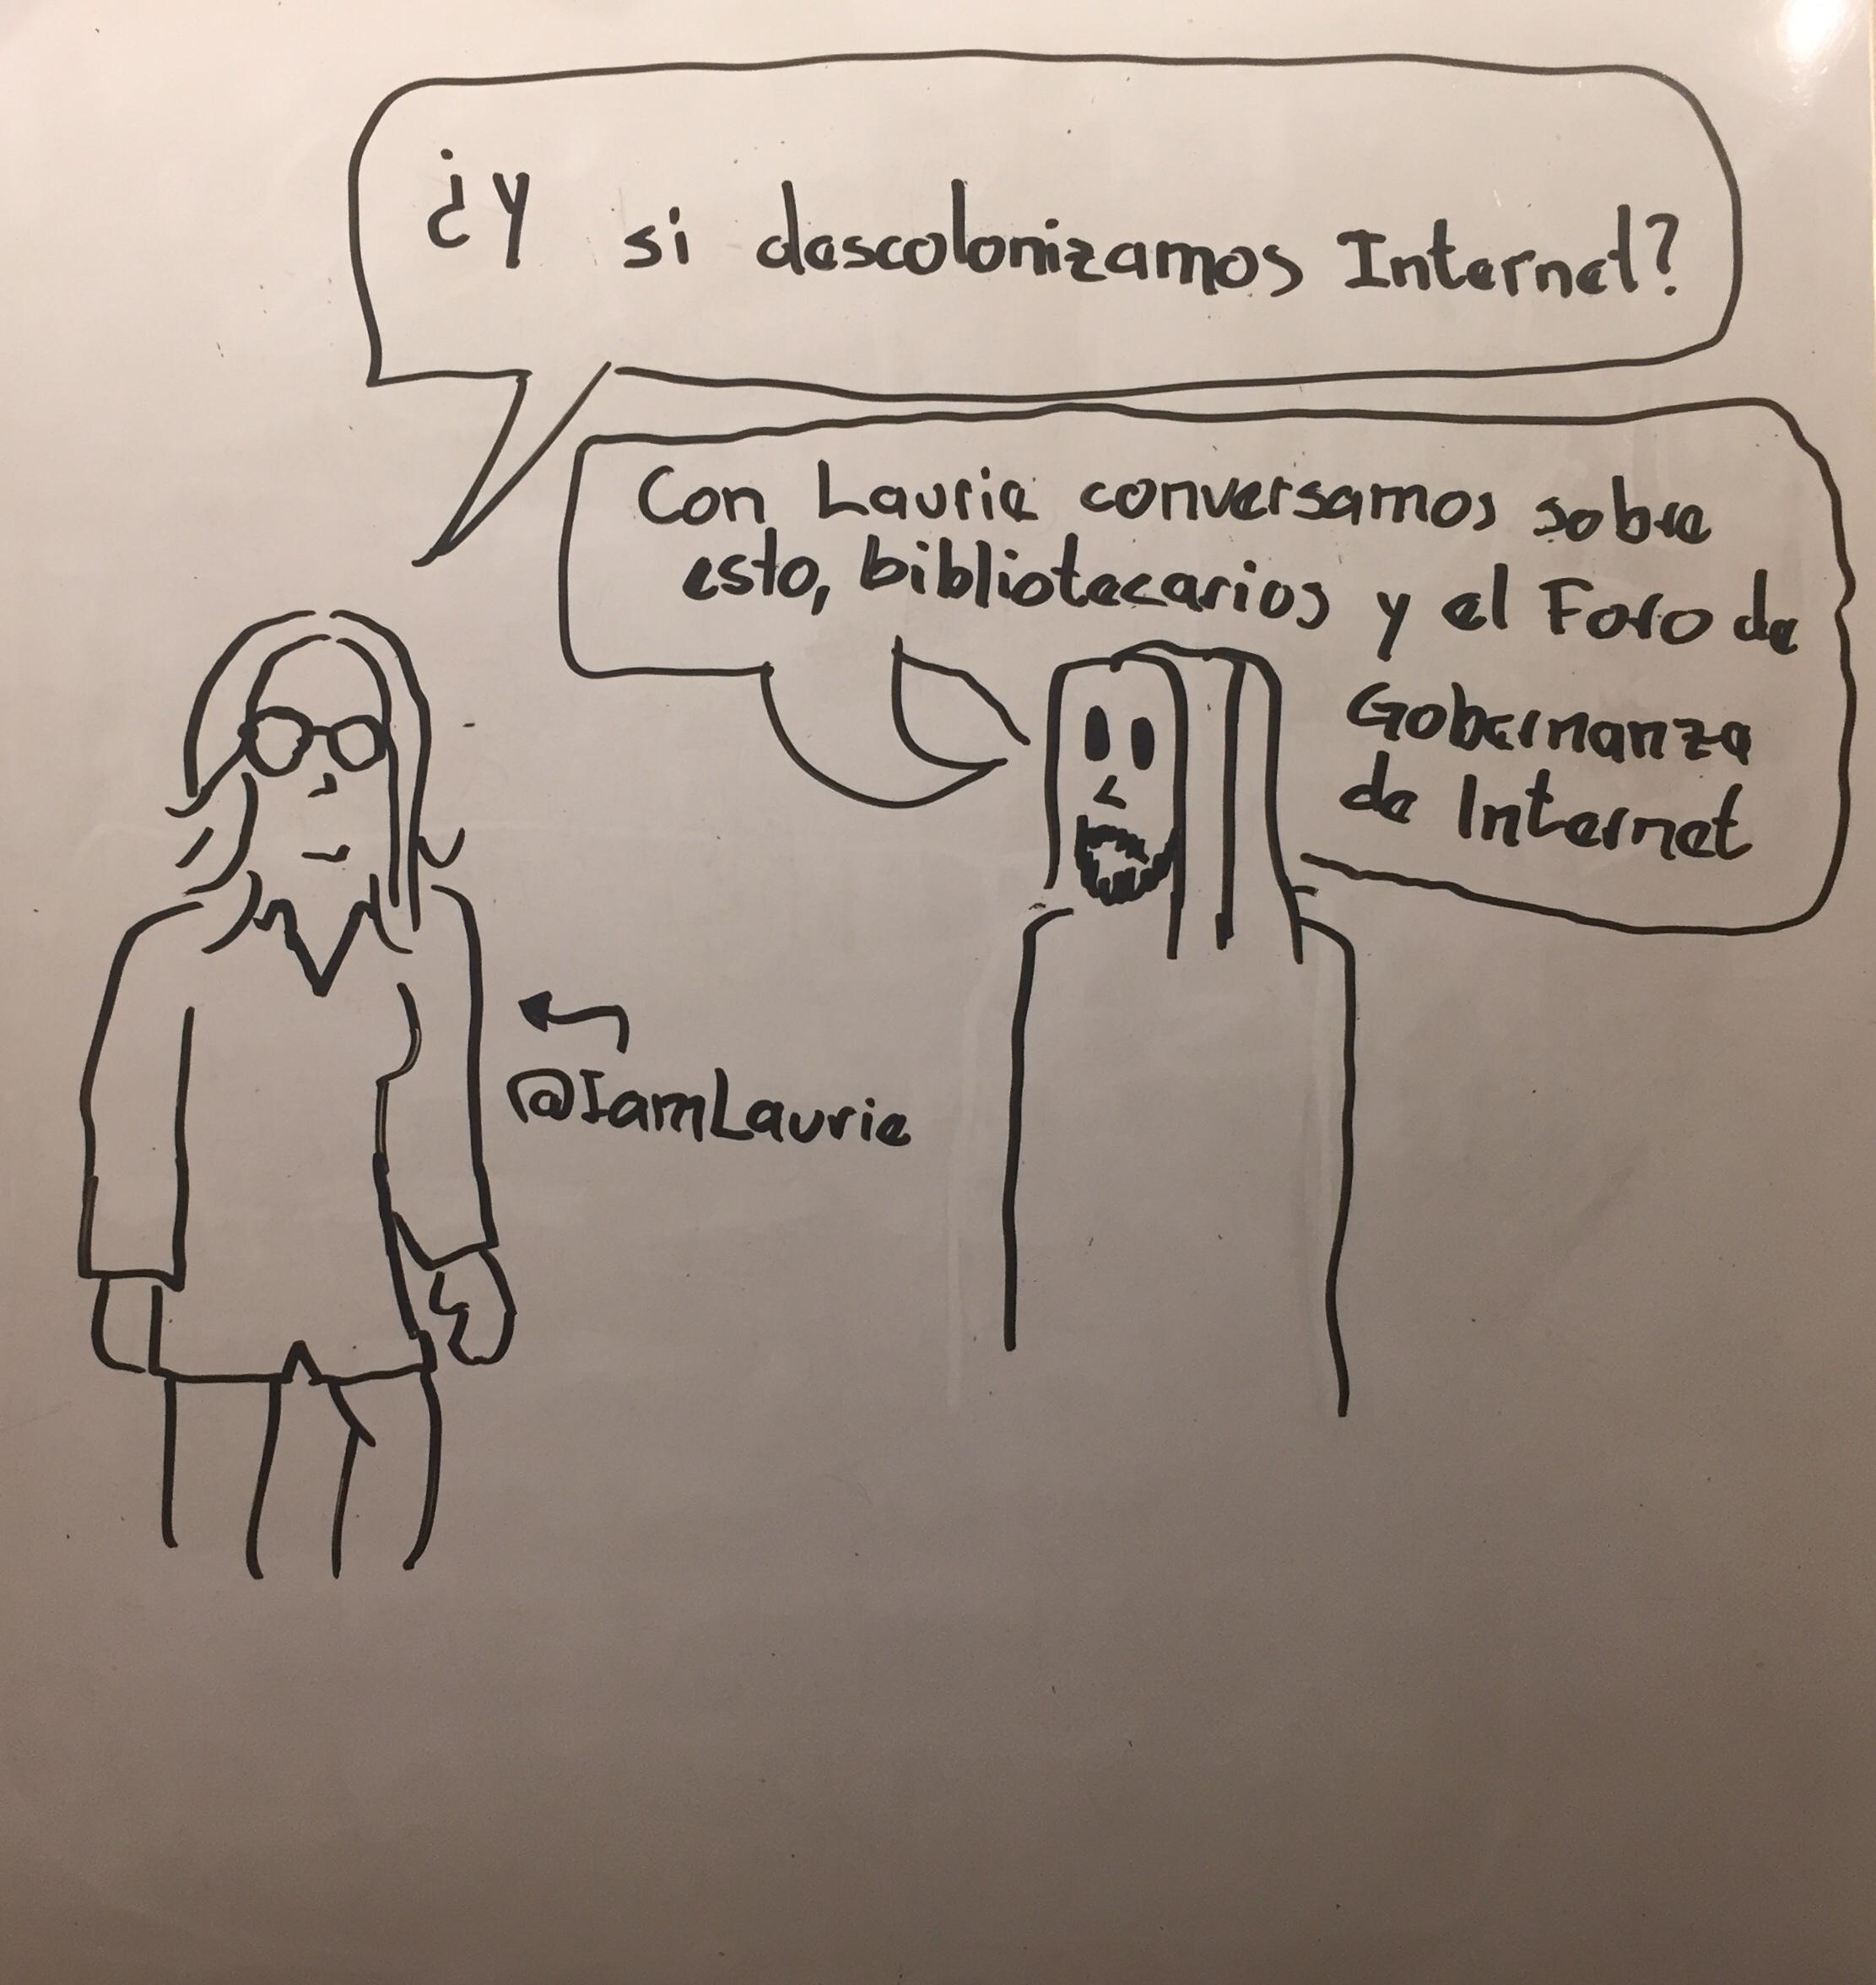 Descolonizando Internet